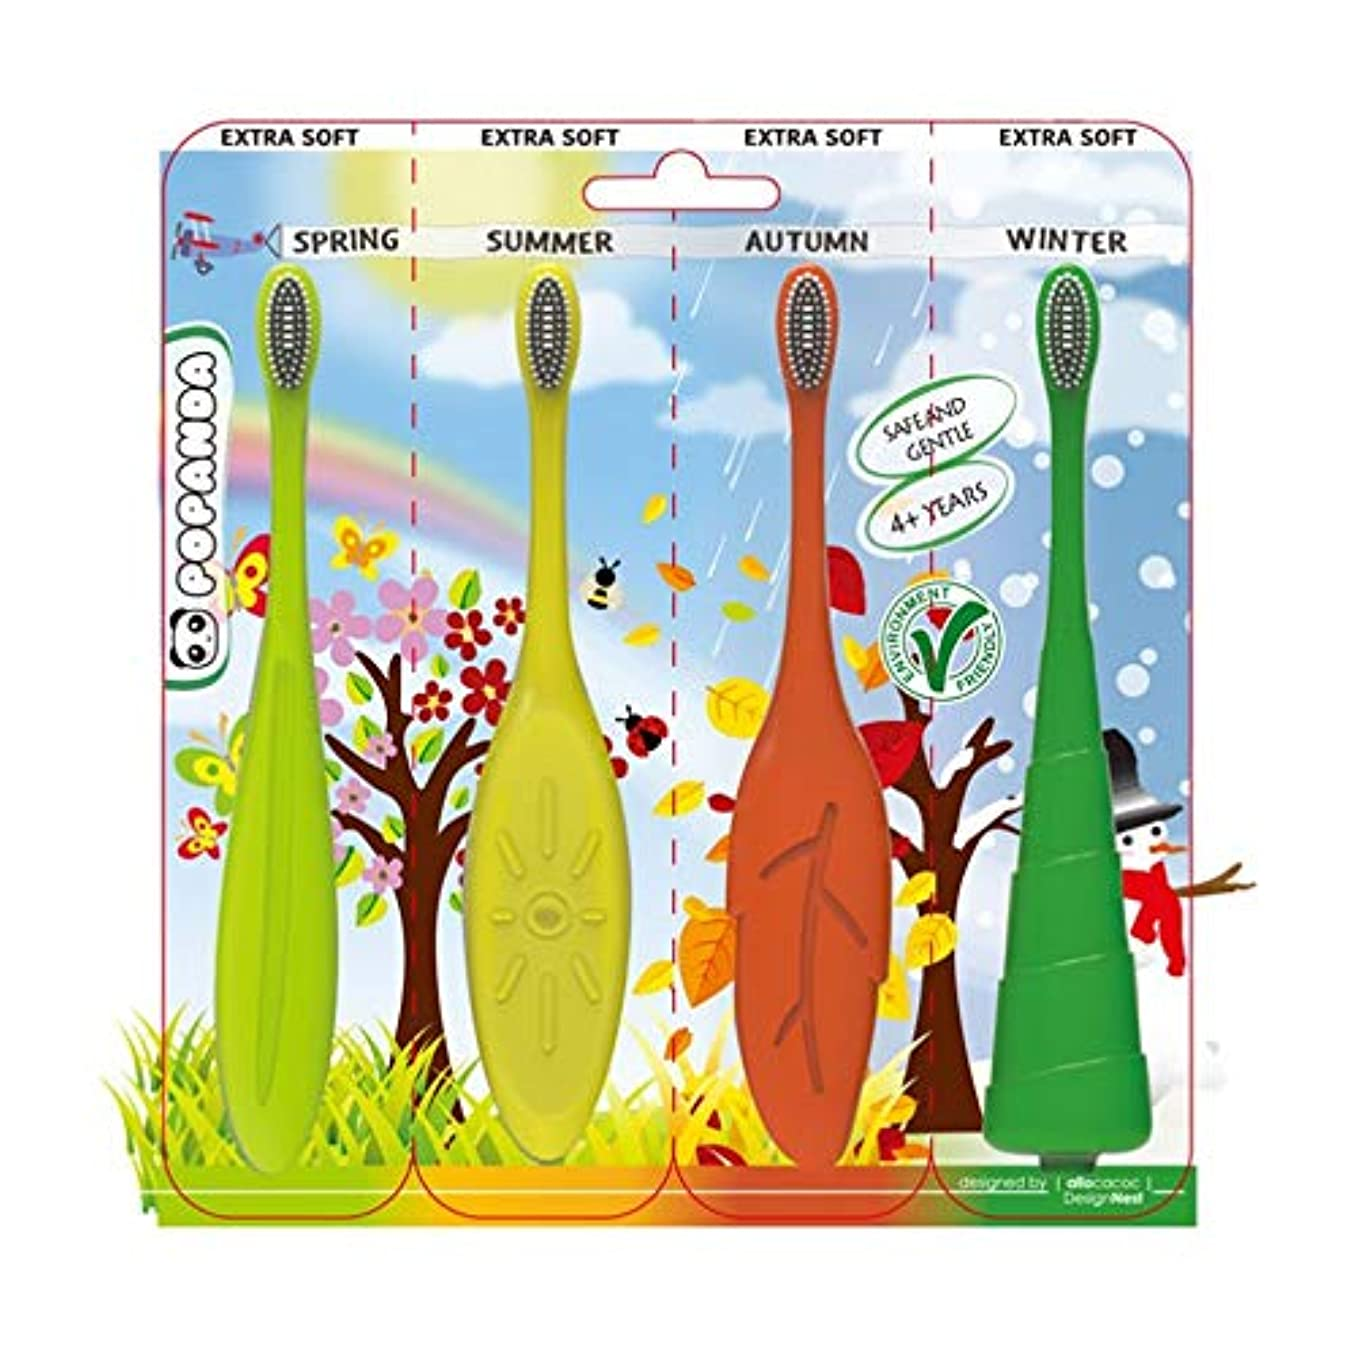 クレーター勇気のある(4個) Baby 幼児 四季 シリコン歯ブラシ Set Baby Kid's Gift Seasonal Silicone Toothbrush 並行輸入